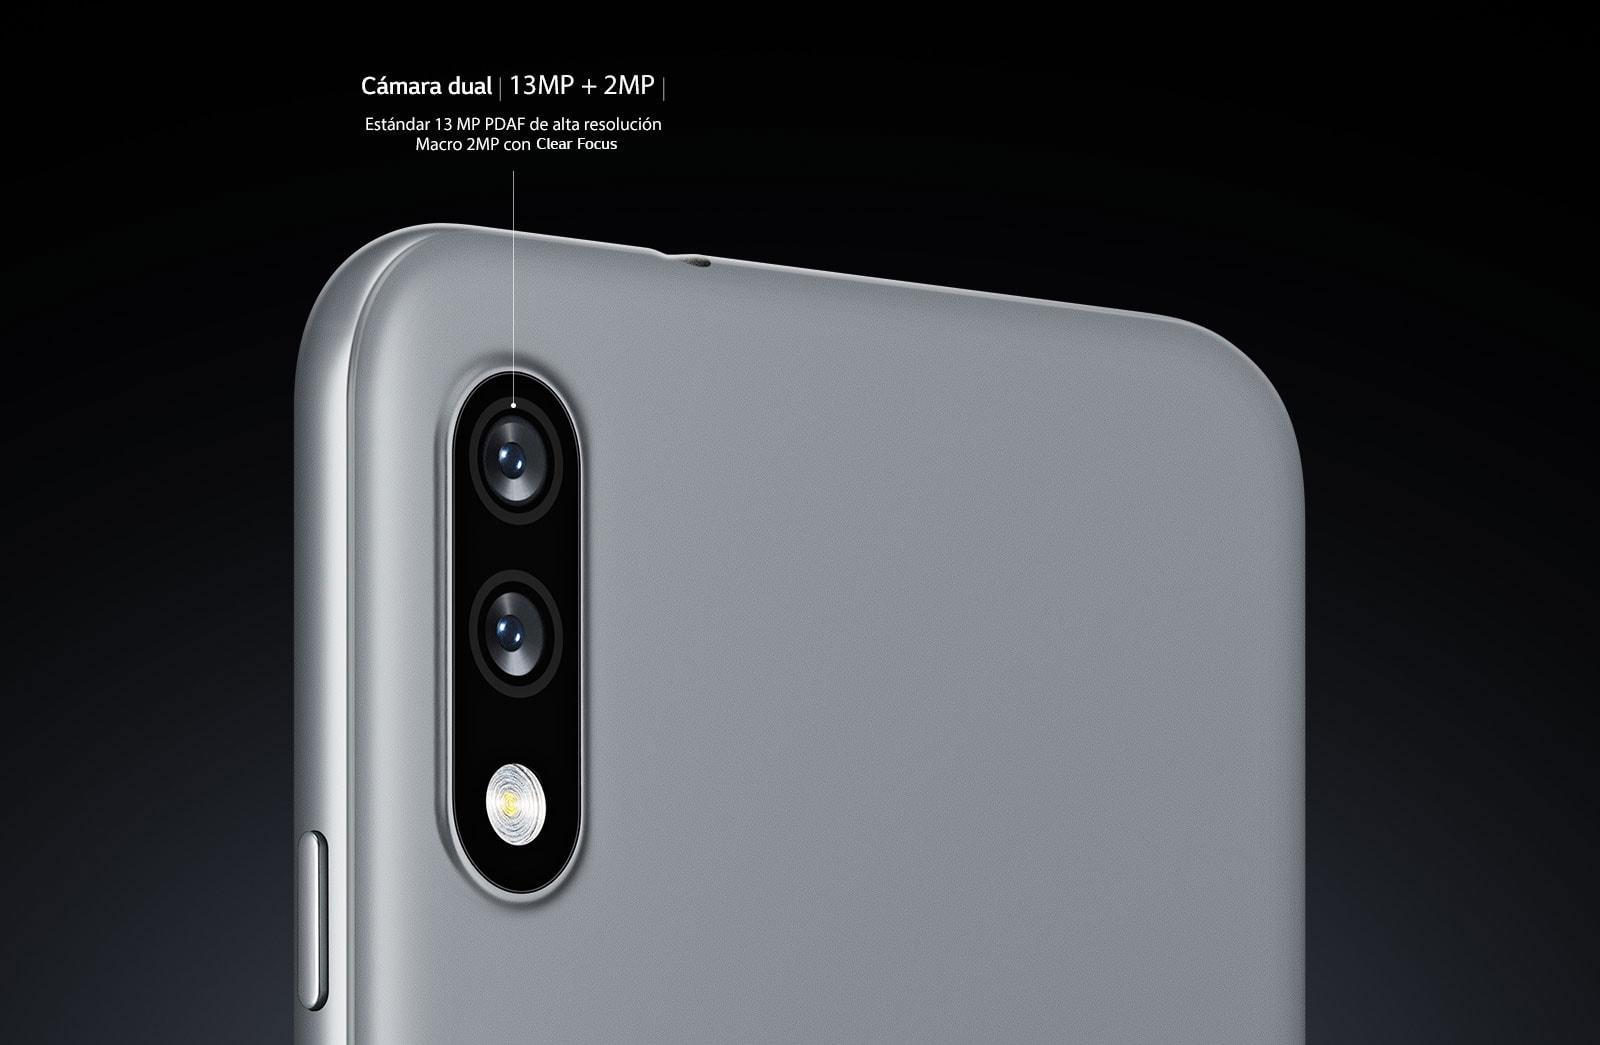 Vista trasera de un teléfono inteligente que muestra dos cámaras.